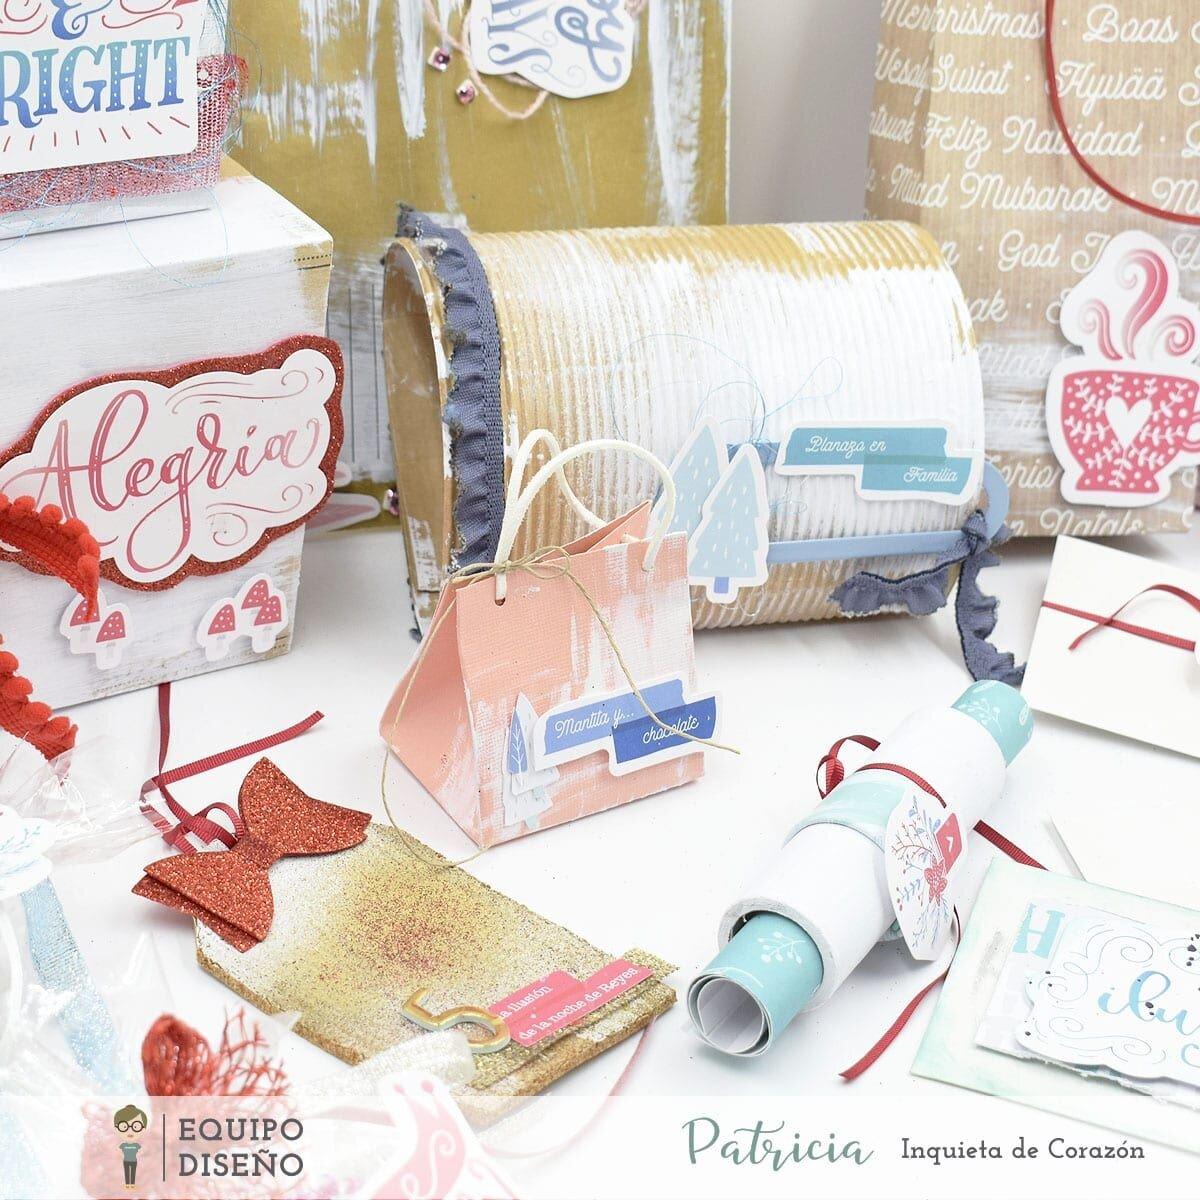 cocoloko-tutoria-scrapbooking-packaging-navideño.jpg